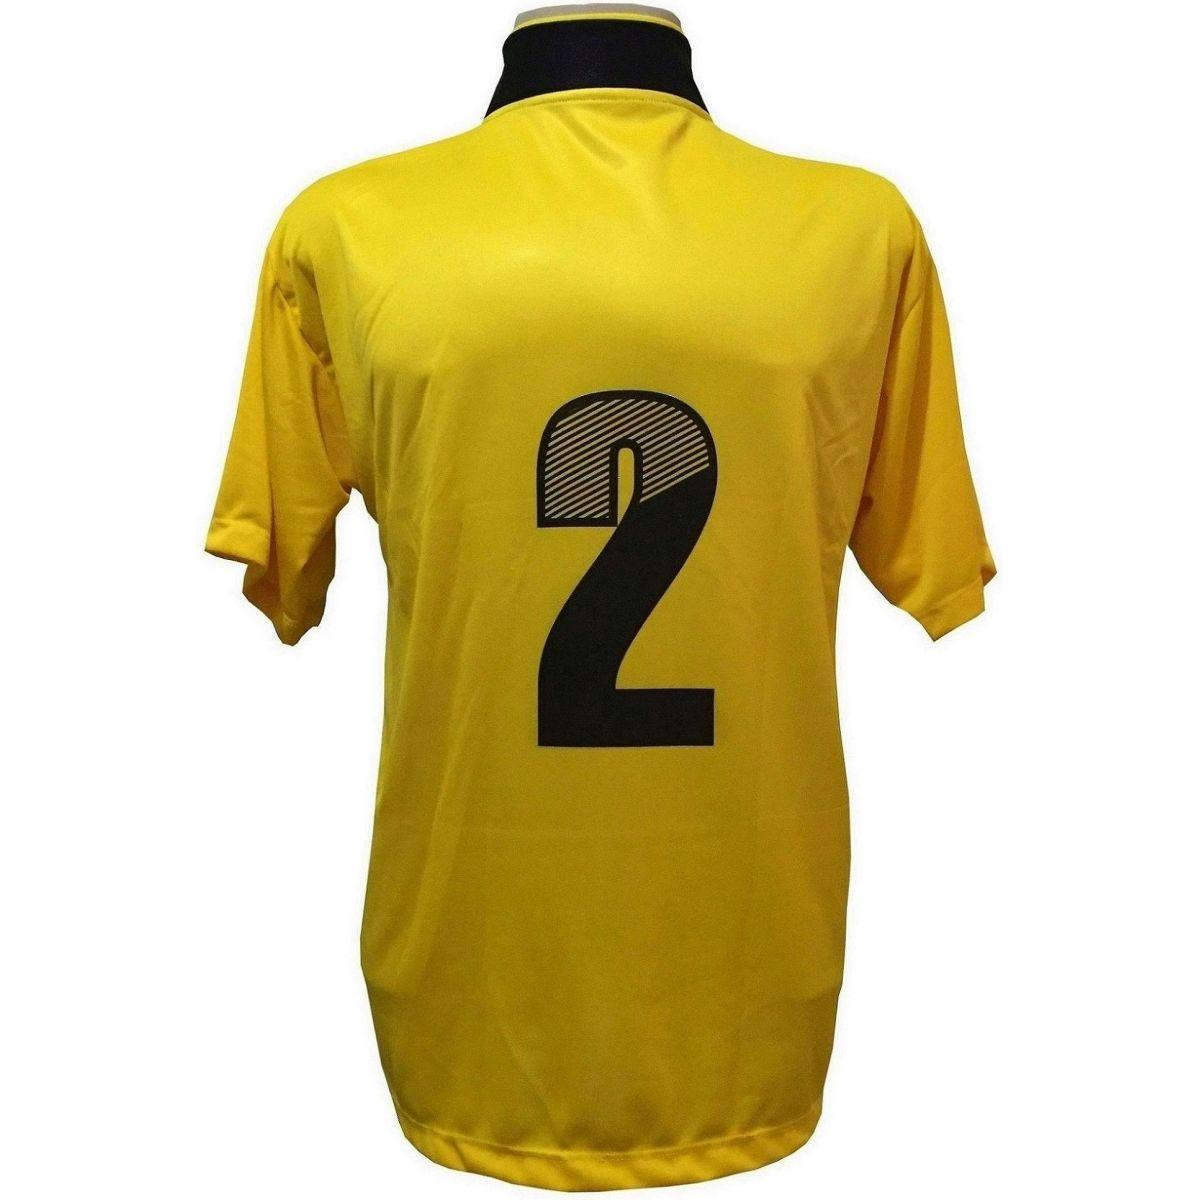 534b35dc33 Uniforme Esportivo com 14 camisas modelo Suécia Amarelo Preto + 14 calções  modelo Copa Preto Amarelo + 14 pares de meiões Amarelo - Play fair - Futebol  ...